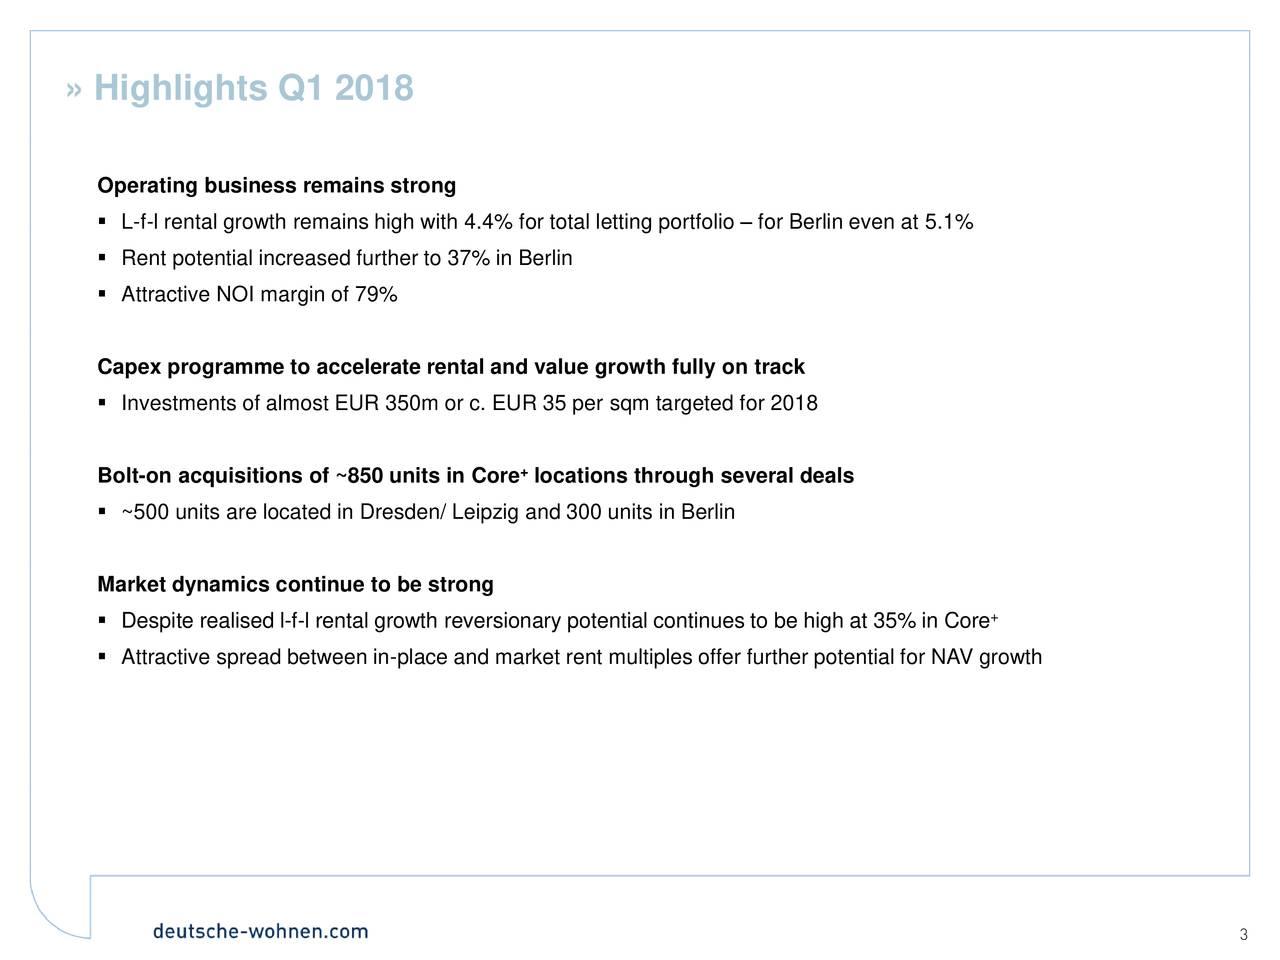 Deutsche Wohnen Com deutsche wohnen se adr 2018 q1 results earnings call slides